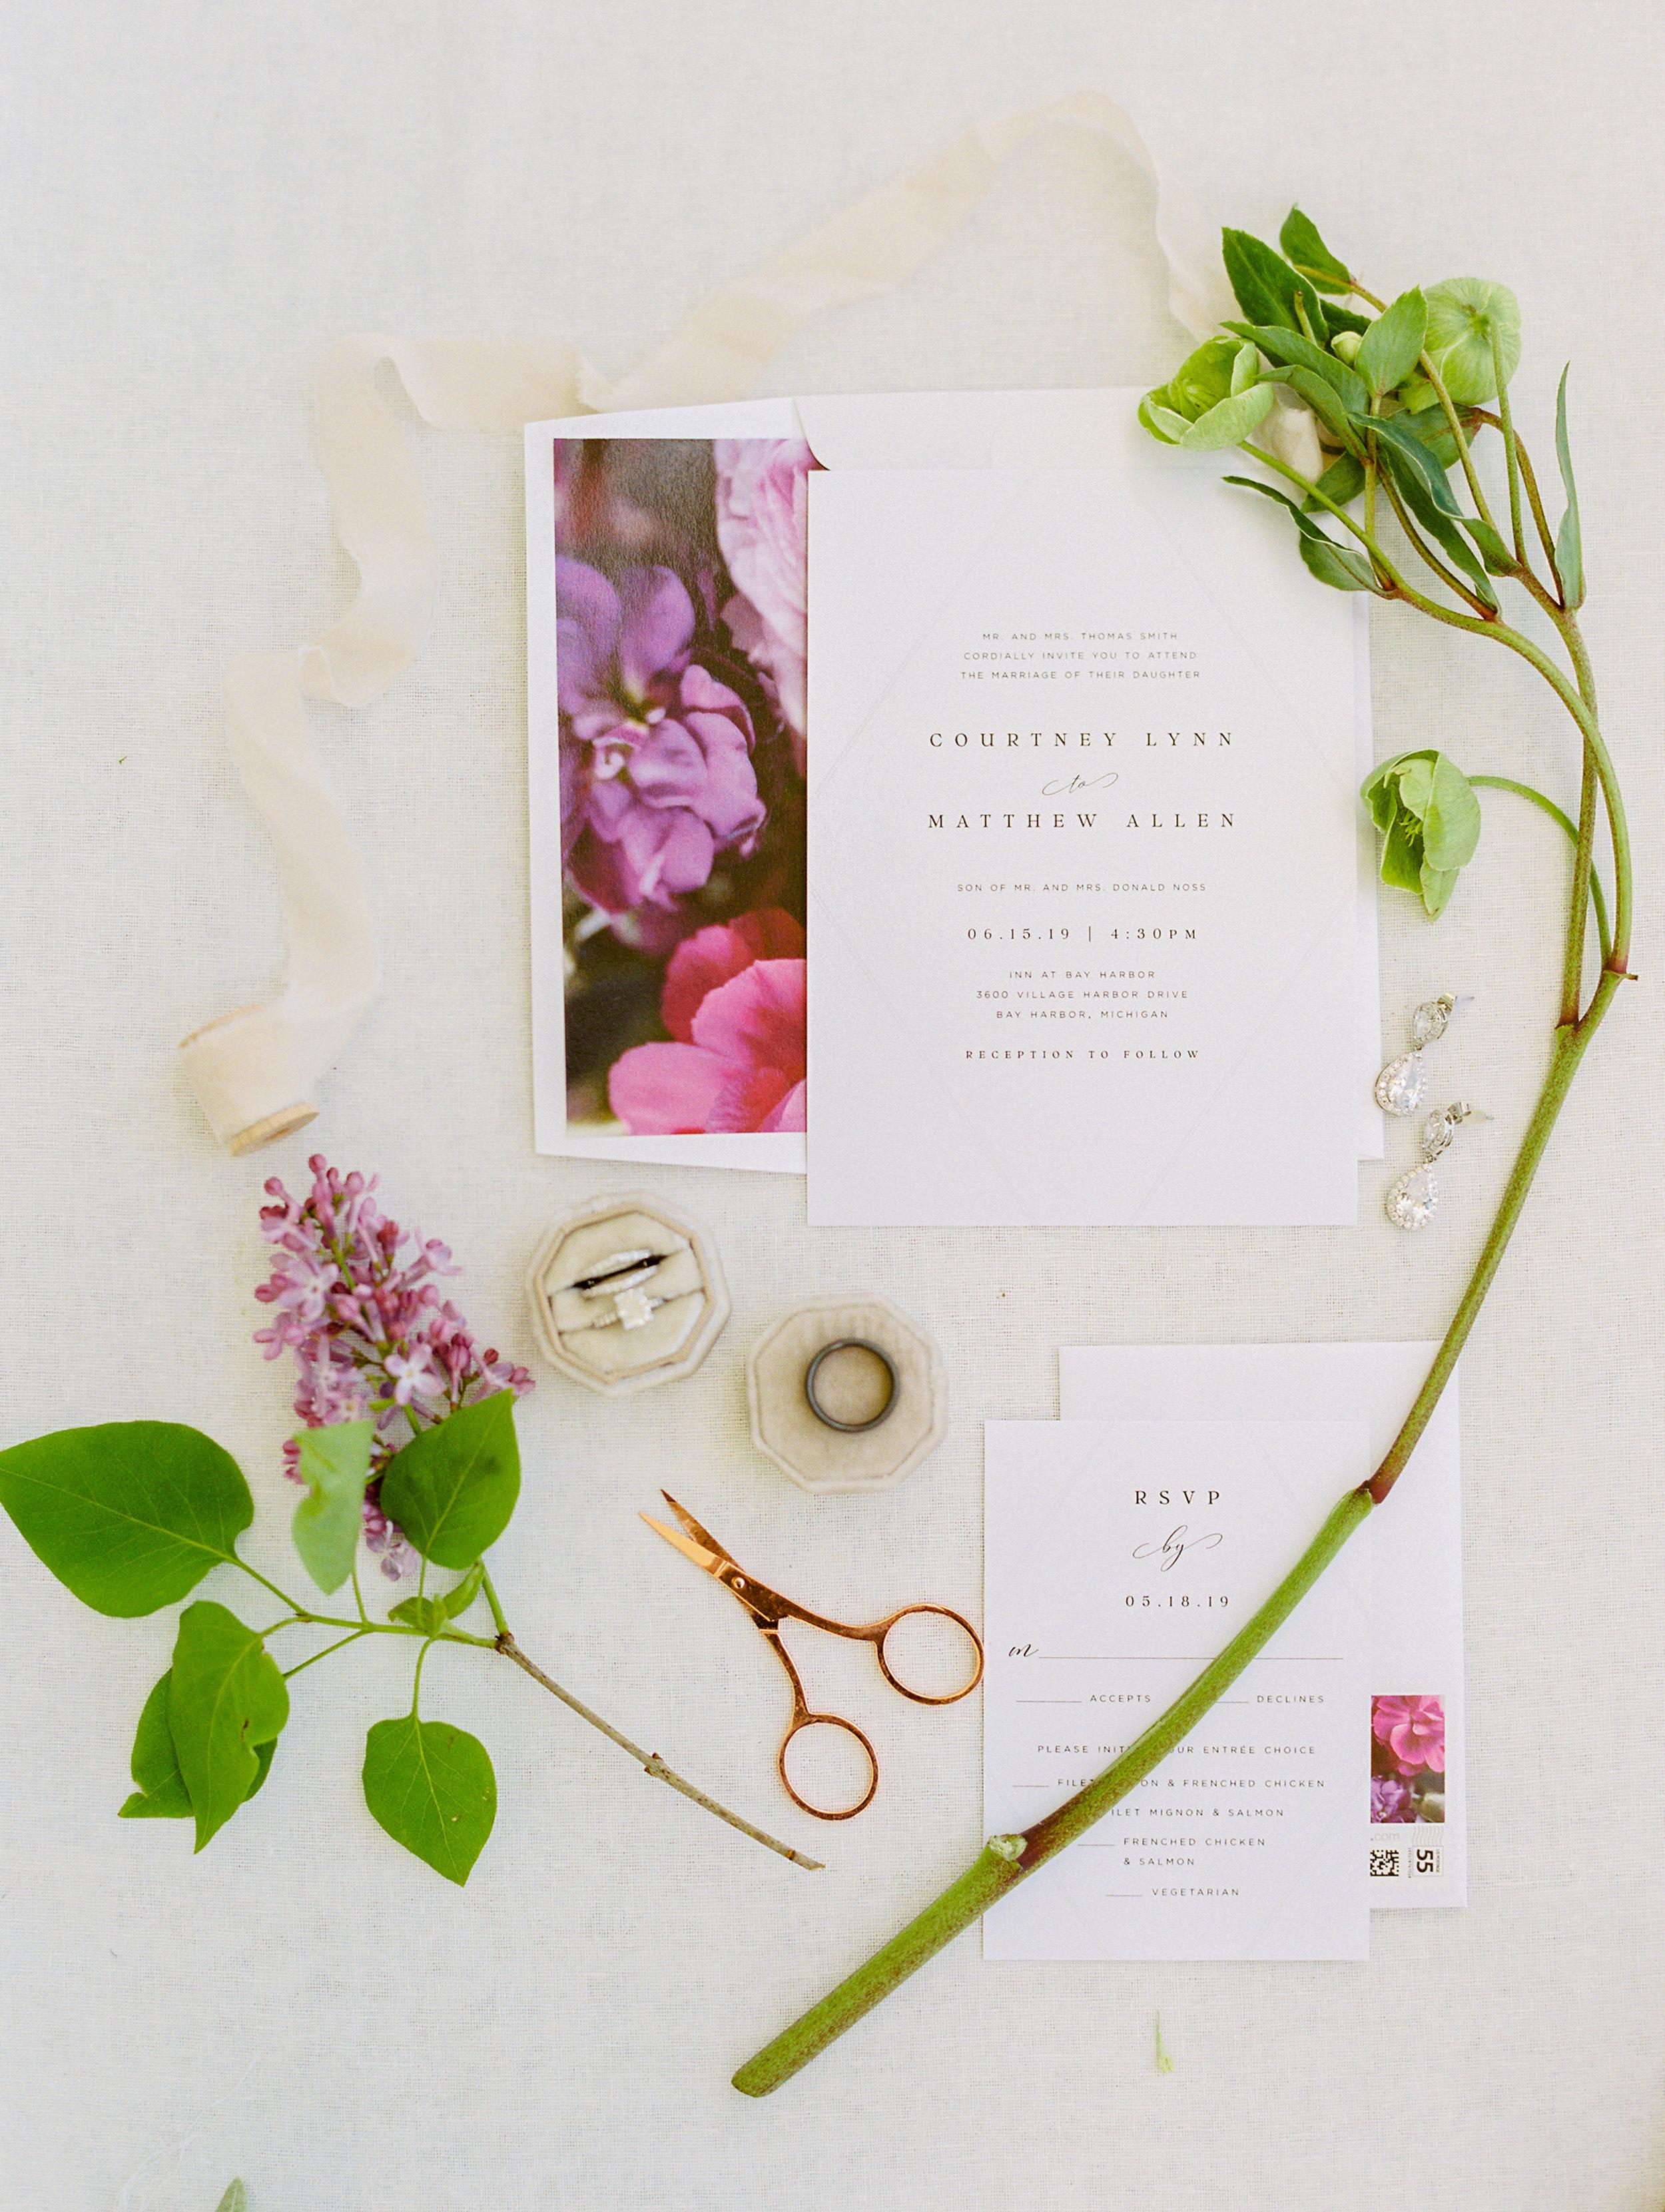 Noss+Wedding+Details-64.jpg